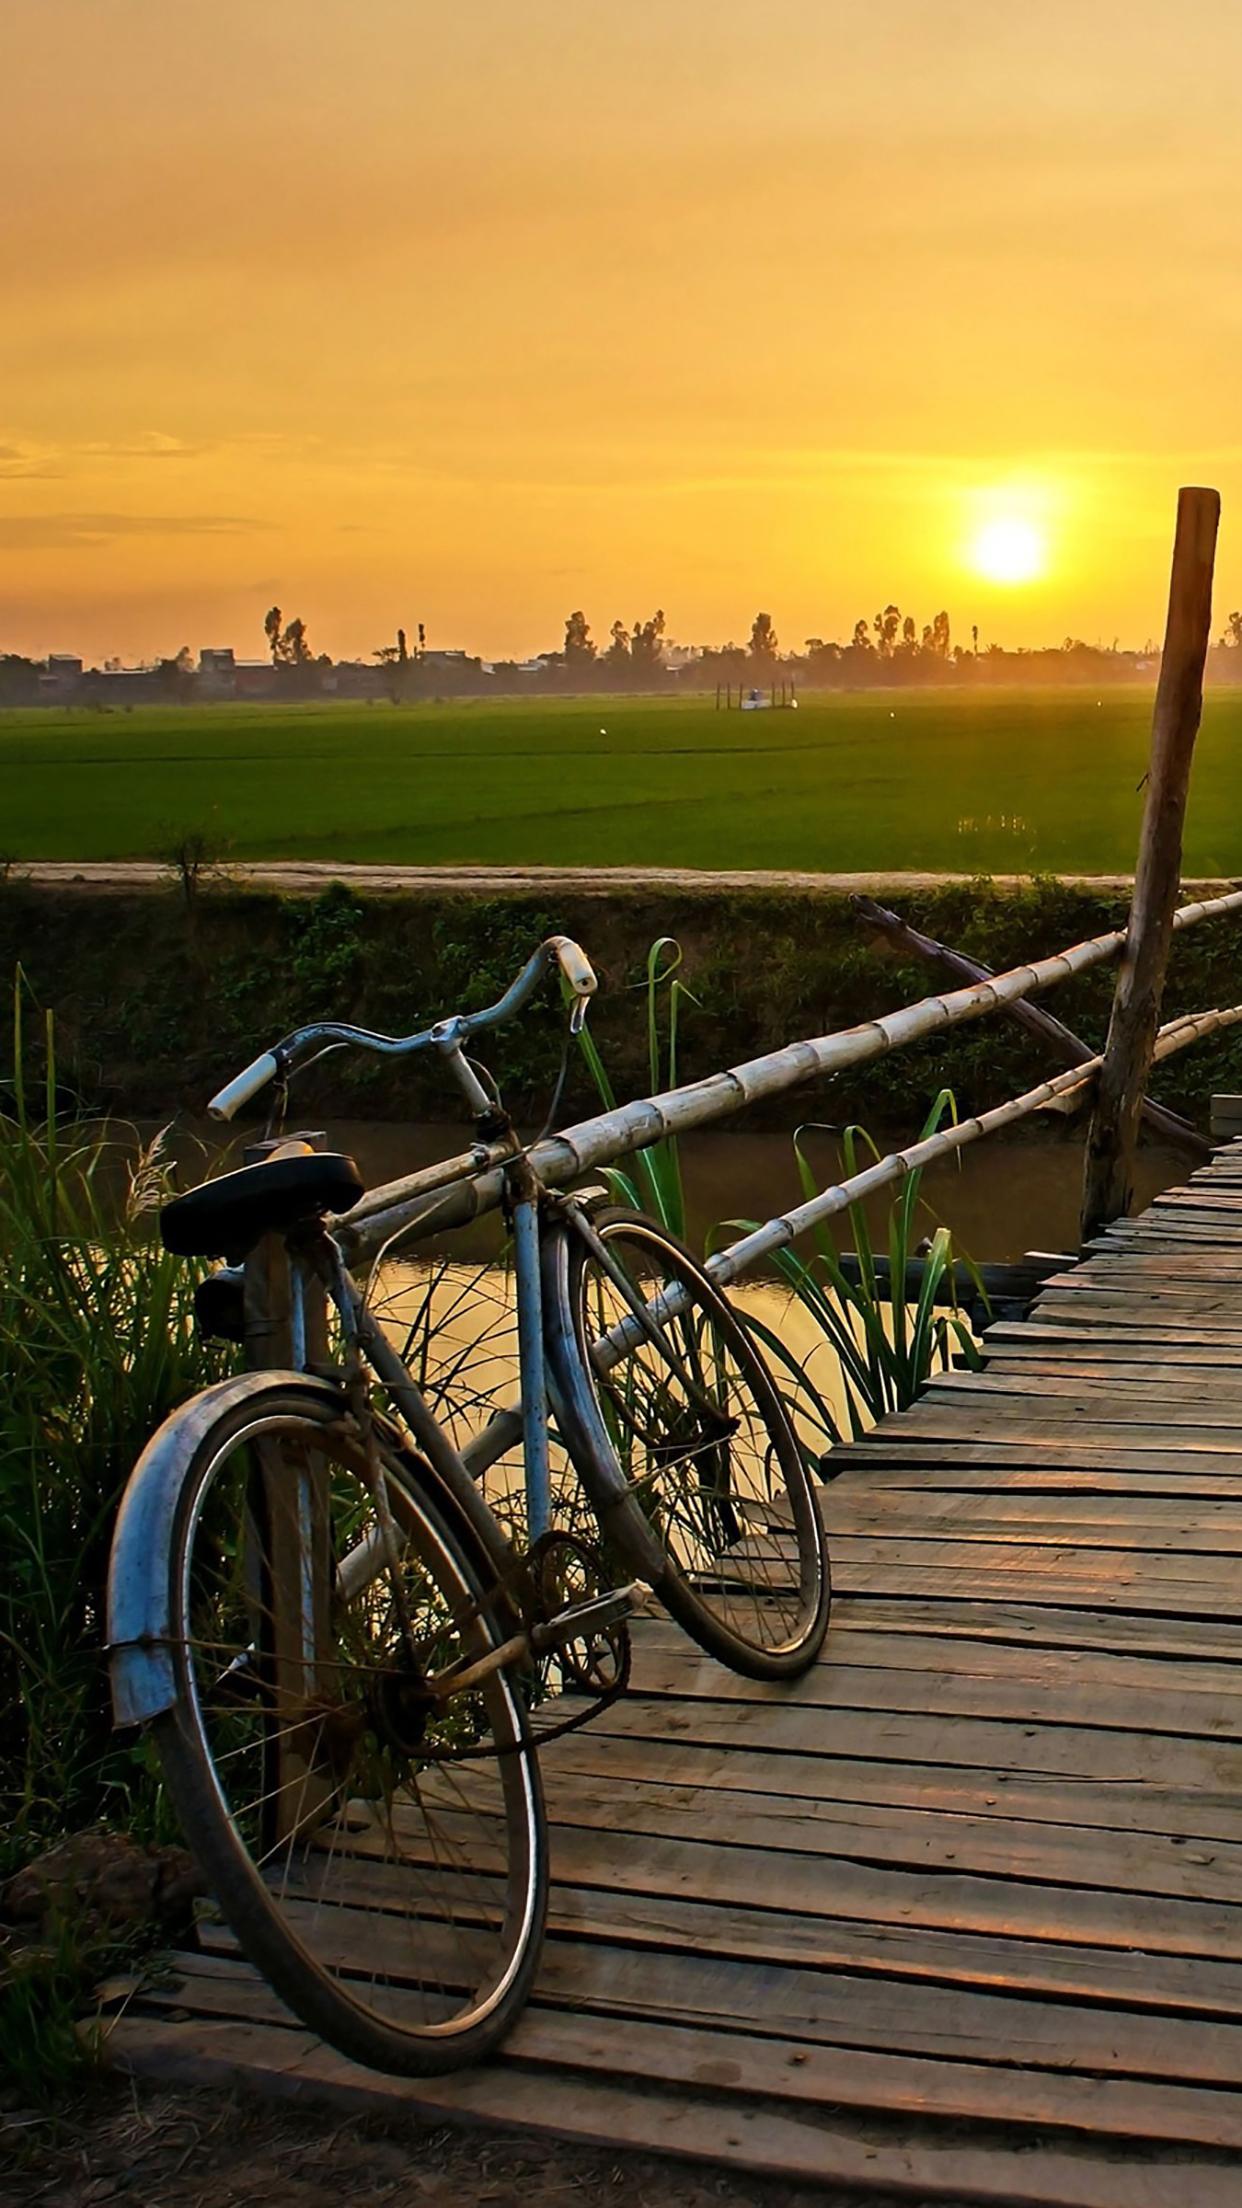 Bicycle 2 3Wallpapers iPhone Parallax 3Wallpapers : notre sélection de fonds décran du 15/07/2017